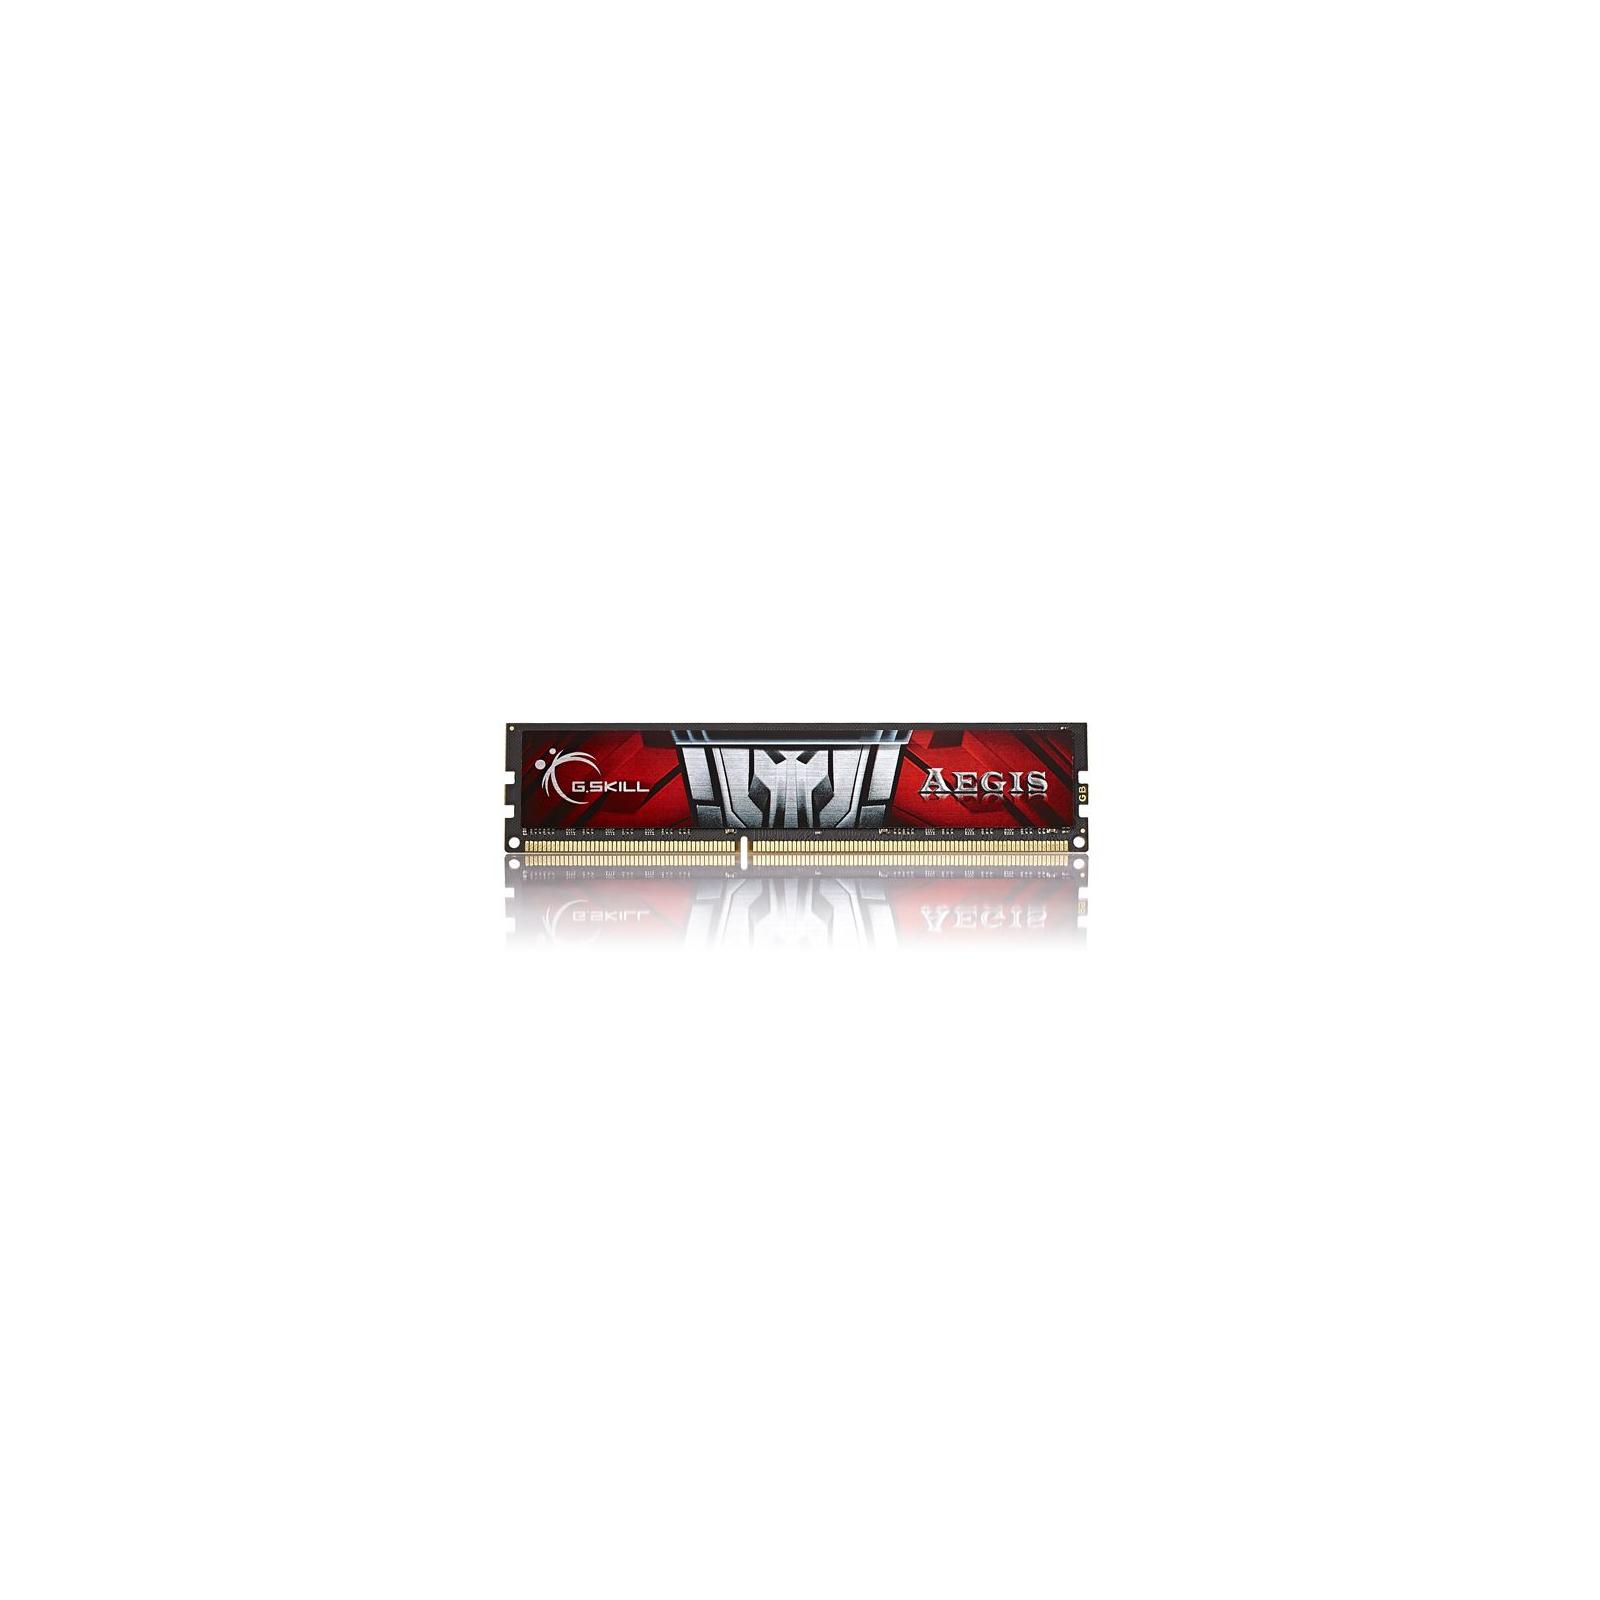 Модуль памяти для компьютера DDR3 8GB (2x4GB) 1600 MHz G.Skill (F3-1600C11D-8GIS) изображение 3